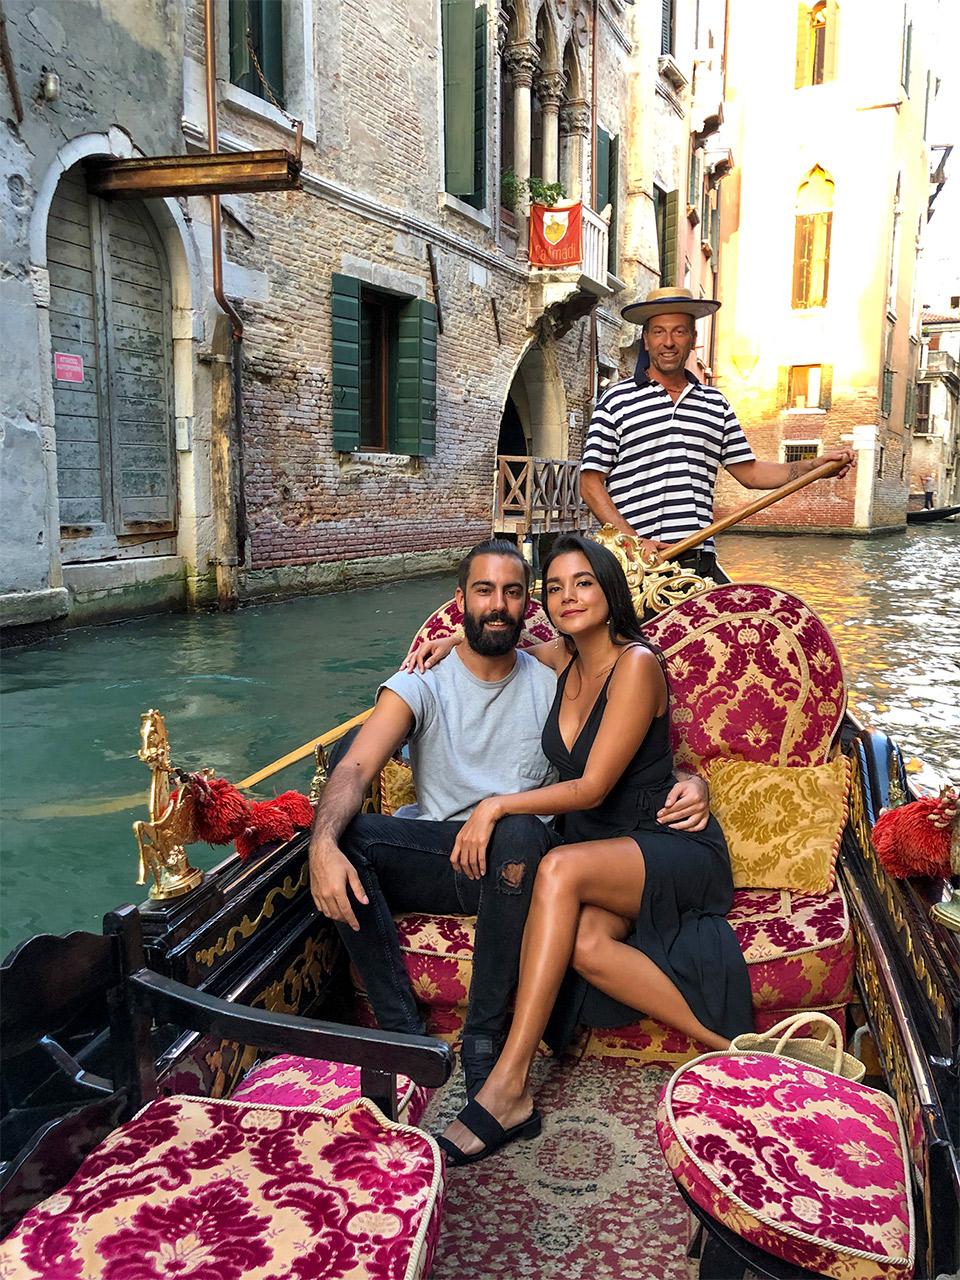 que-hacer-en-Venecia,-cuanto-cuesta-un-paseo-en-gondola-en-Venecia,-paseo-en-gondola-por-2-euros-en-Venencia